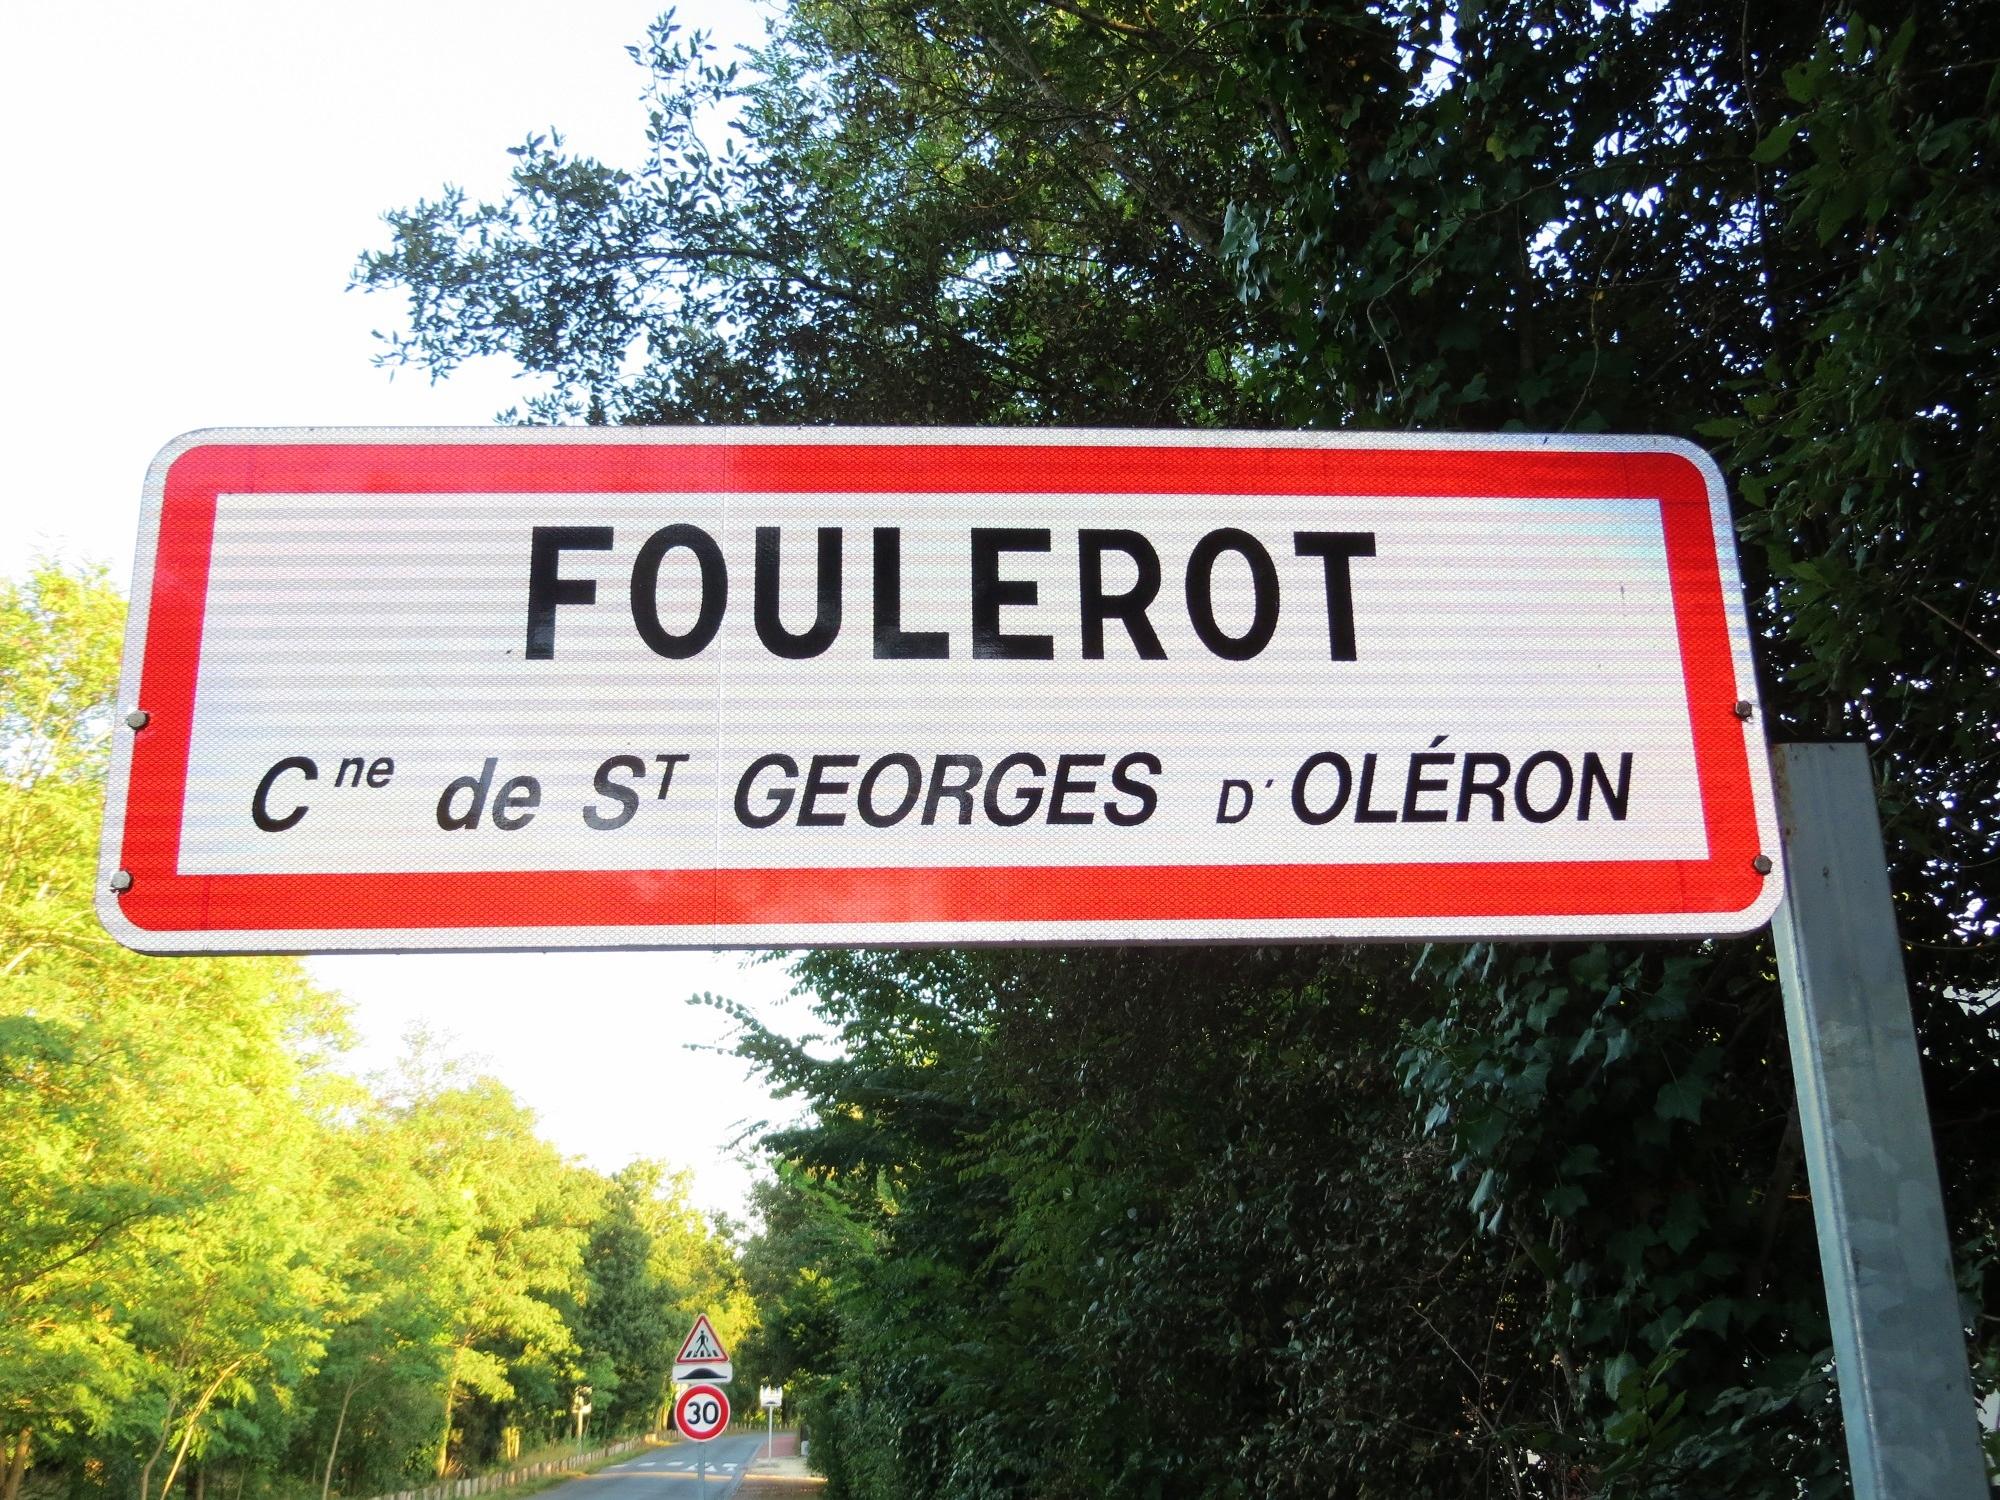 Ile d'Oleron Foulerot